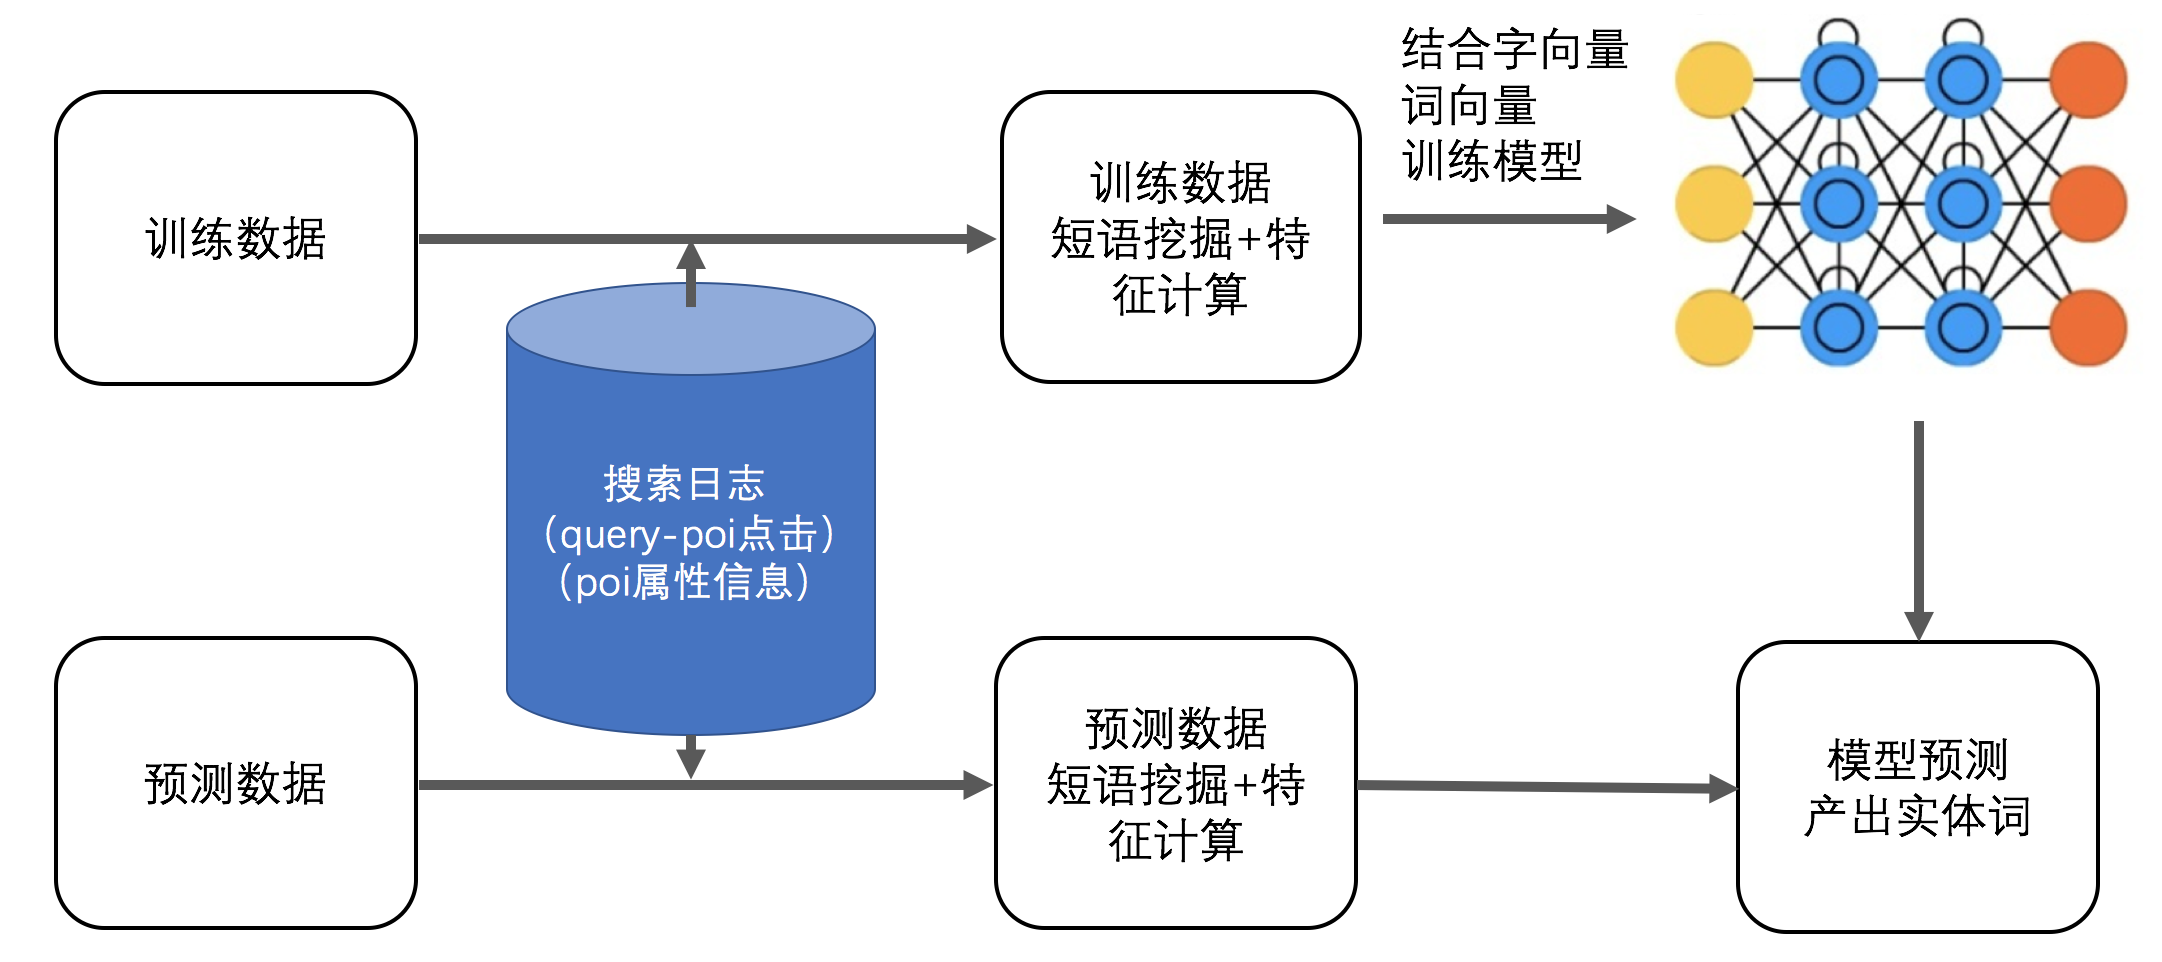 图8  融合搜索日志特征的Lattice-LSTM构建流程